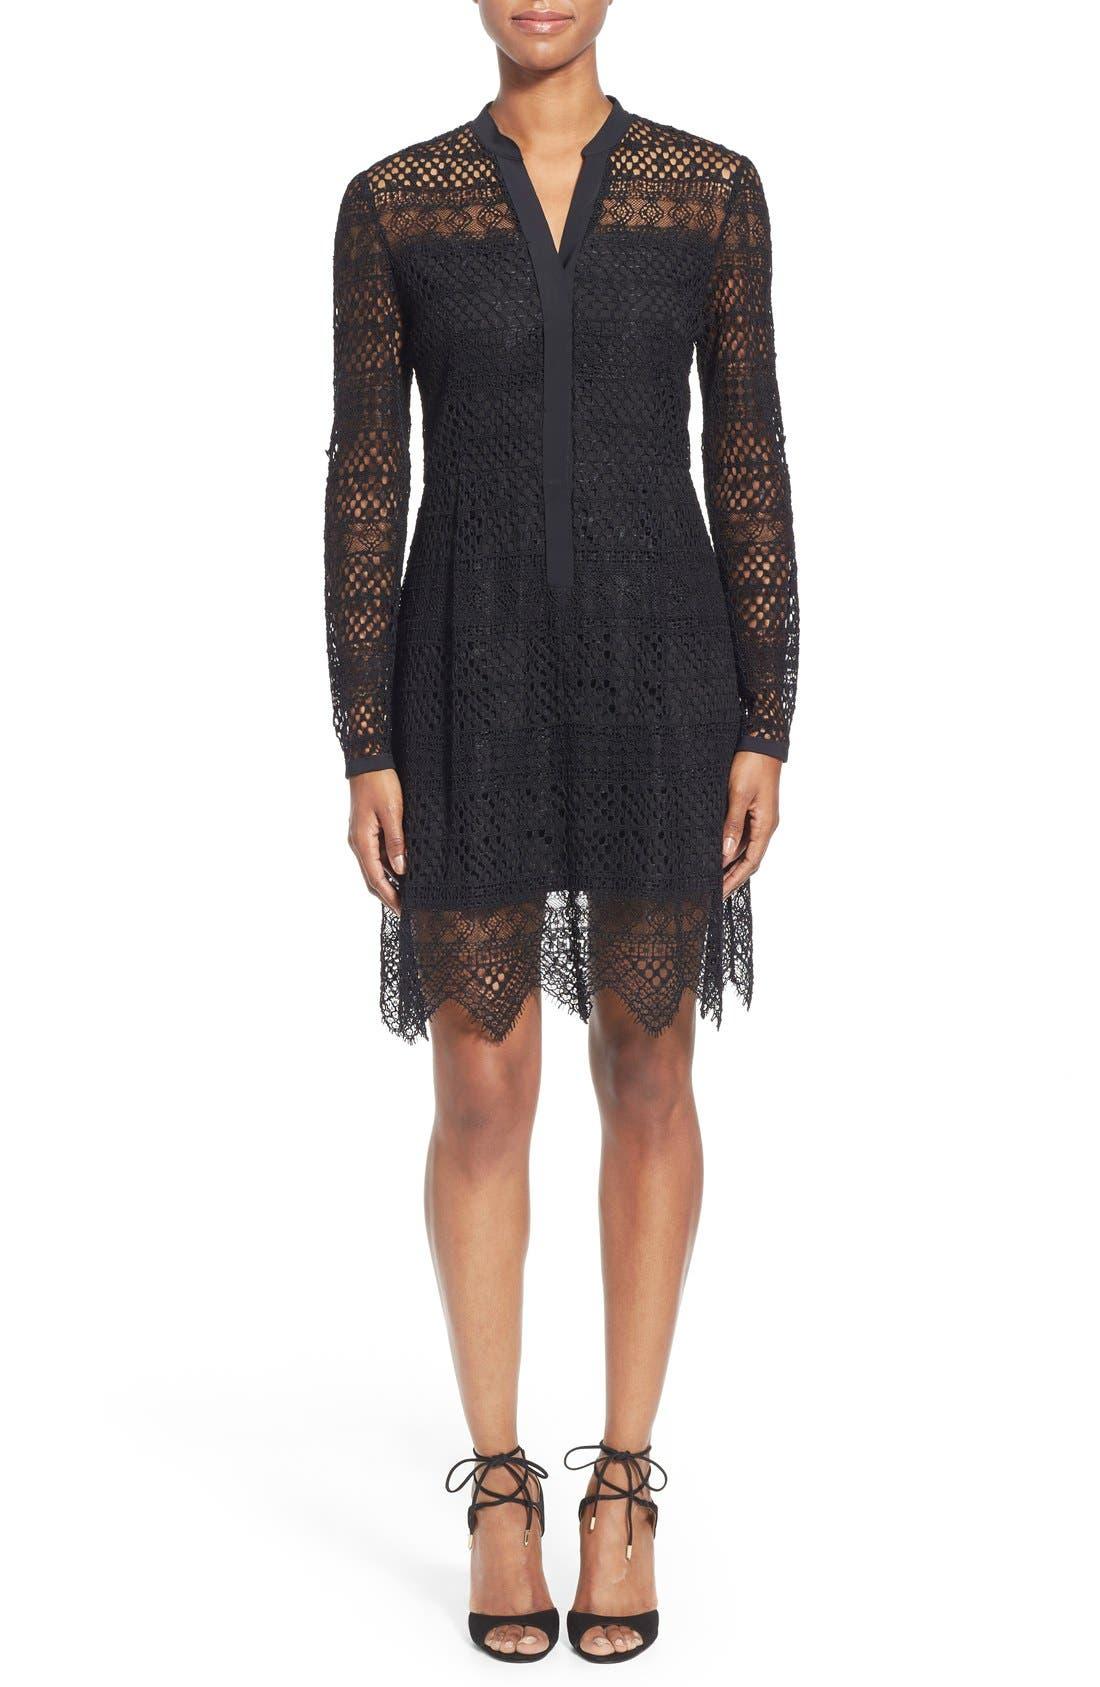 TAHARI,                             Elie Tahari 'Whitney' Split Neck Lace Sheath Dress,                             Main thumbnail 1, color,                             001